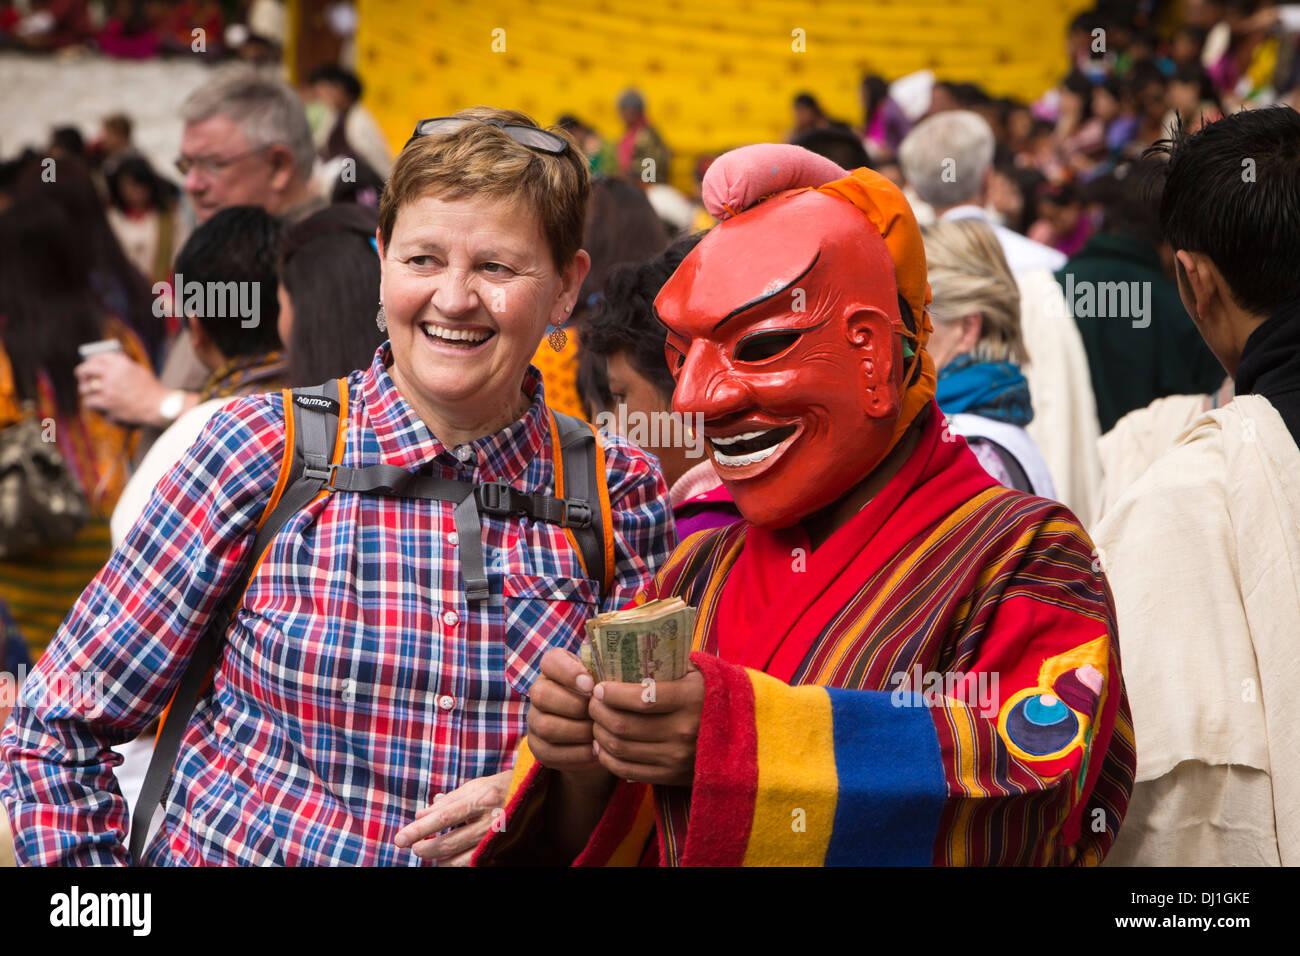 Le Bhoutan, Thimphu Dzong, Tsechu annuel touristique de l'ouest féminin avec atsara danseur clown holding d'argent dans la main Photo Stock